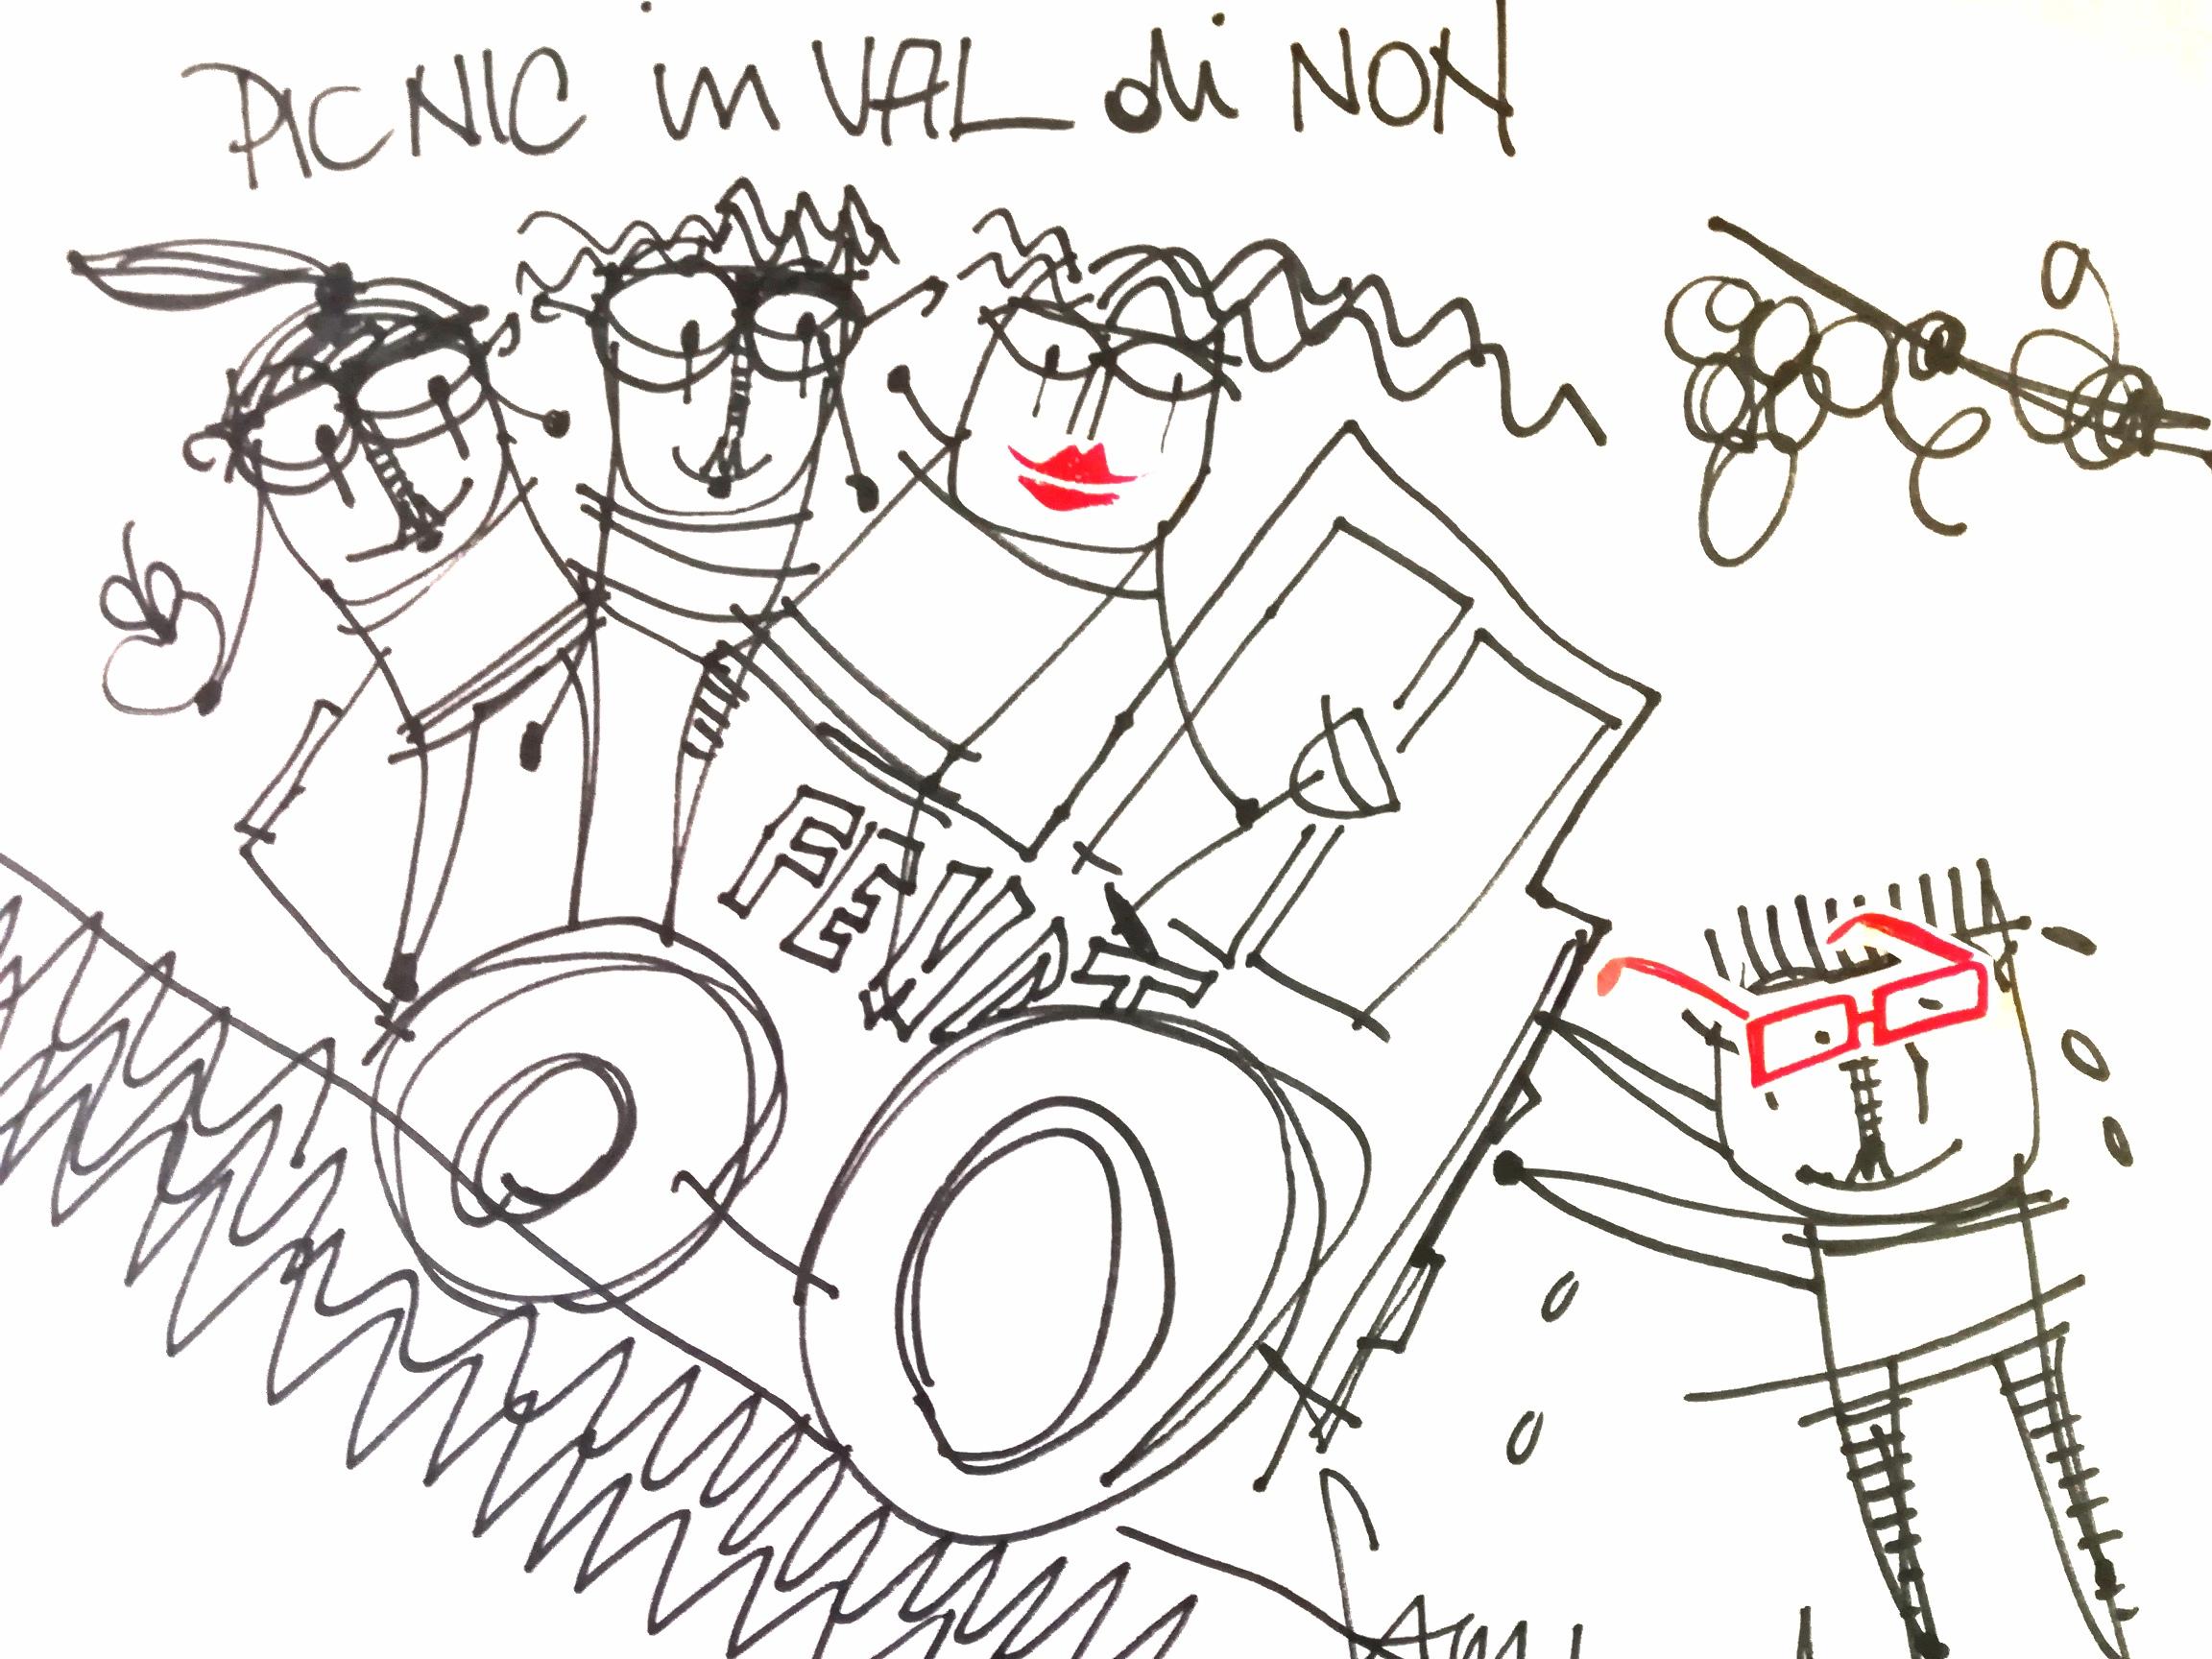 pic nic in Val di Non